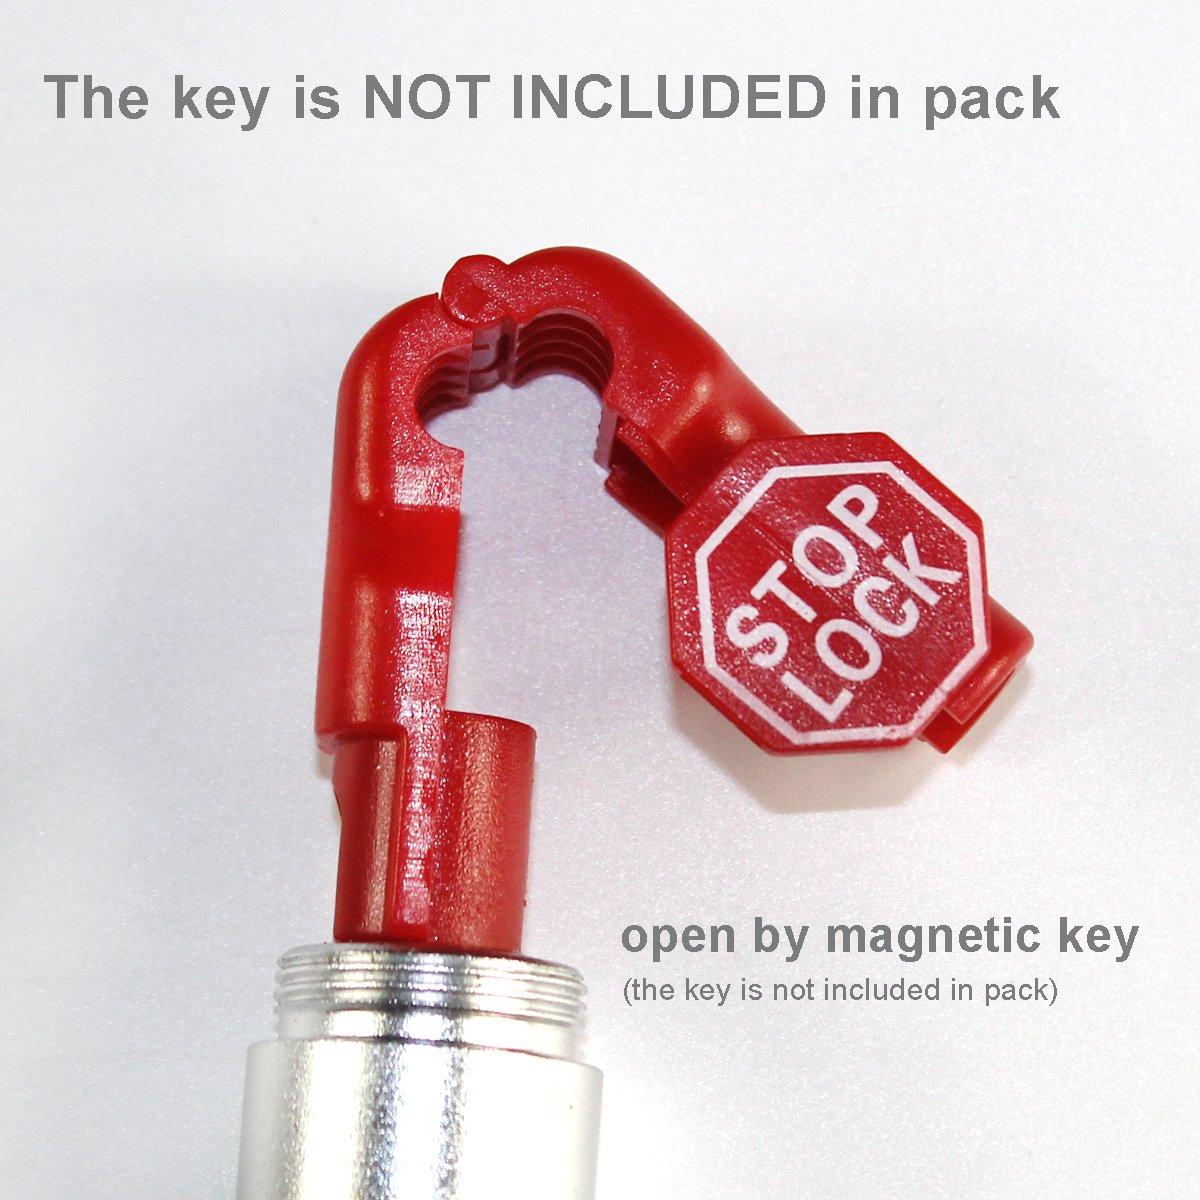 Betertek Peg Hook Locks Stop Lock 100pcs Plastic red Stop Locks Anti Theft Lock Retail peg Hook Security Locks pegboard peg Locks Retail Security Display Hook Lock by BETERTEK (Image #5)